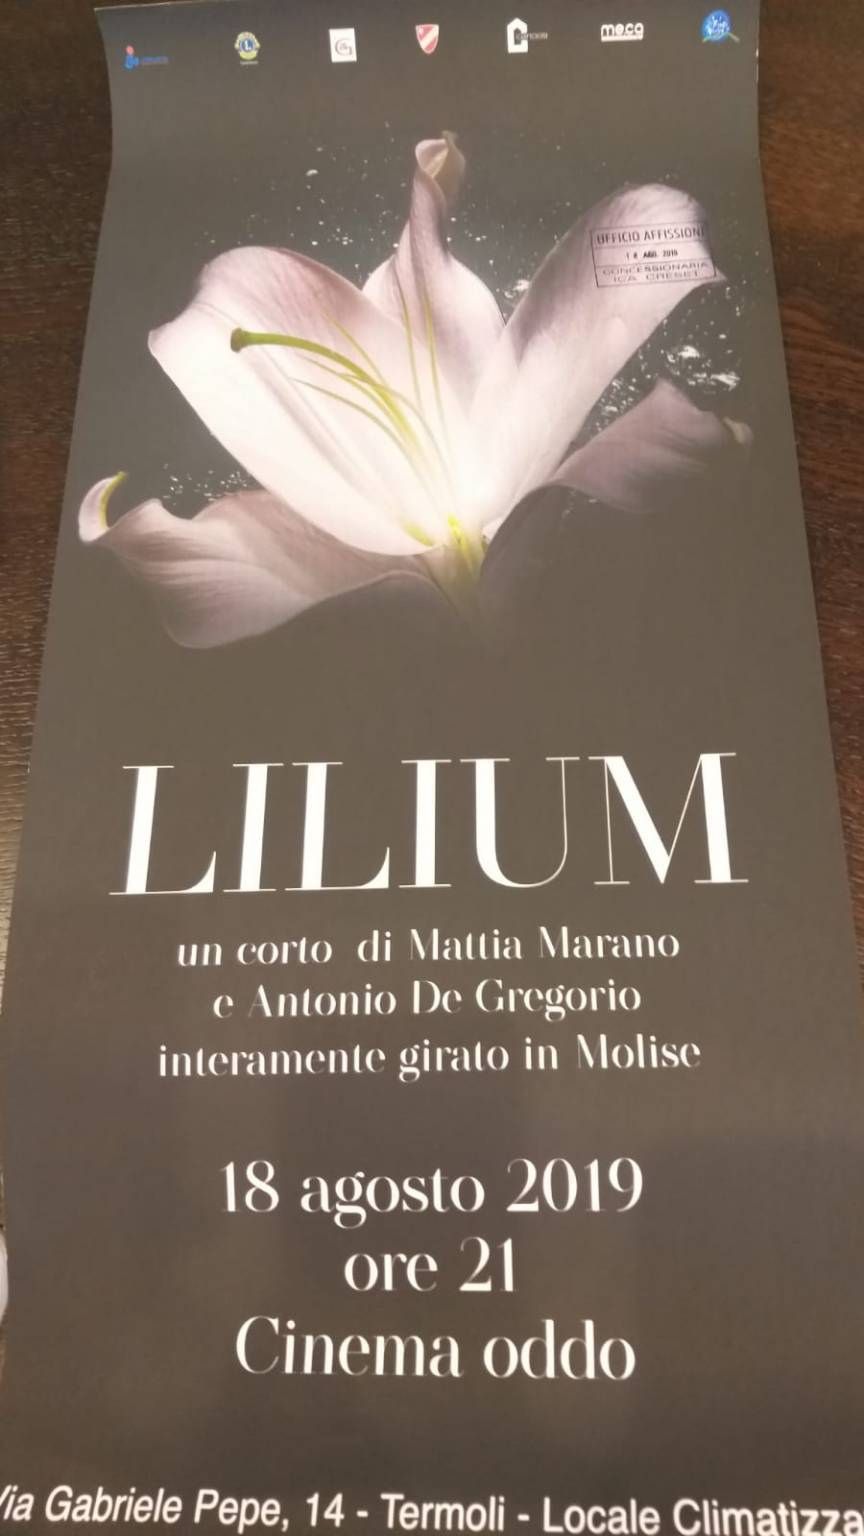 Lilium cortometraggio